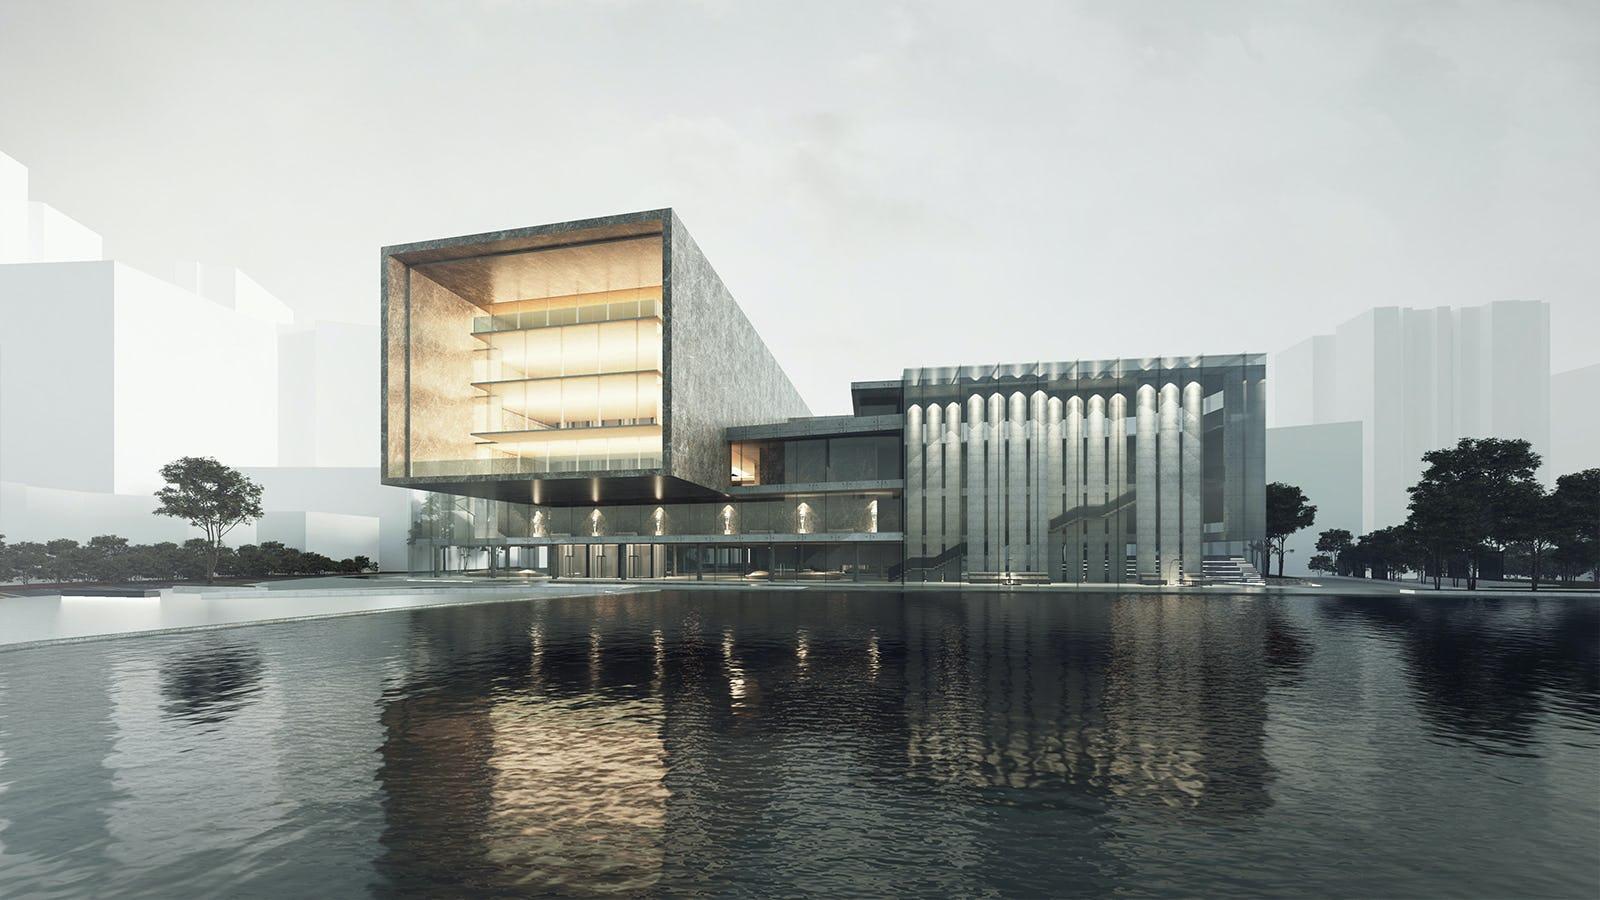 Cultural centre sri lanka 02